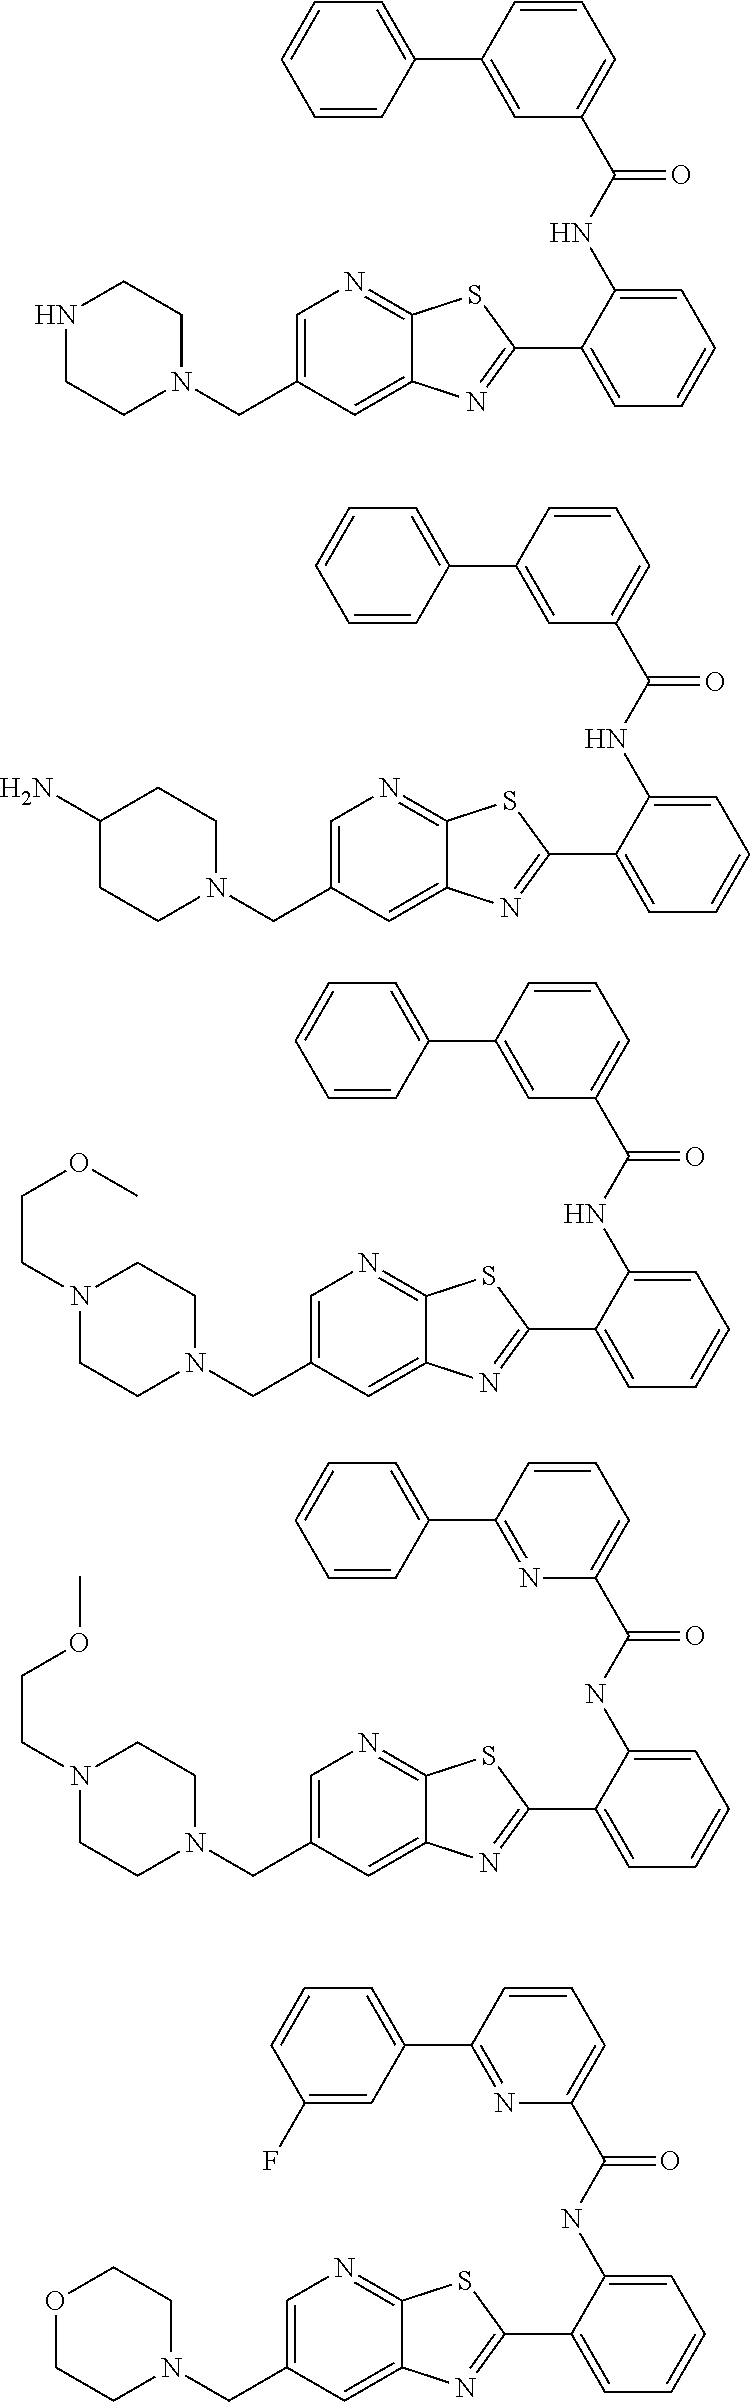 Figure US20130017283A1-20130117-C00001